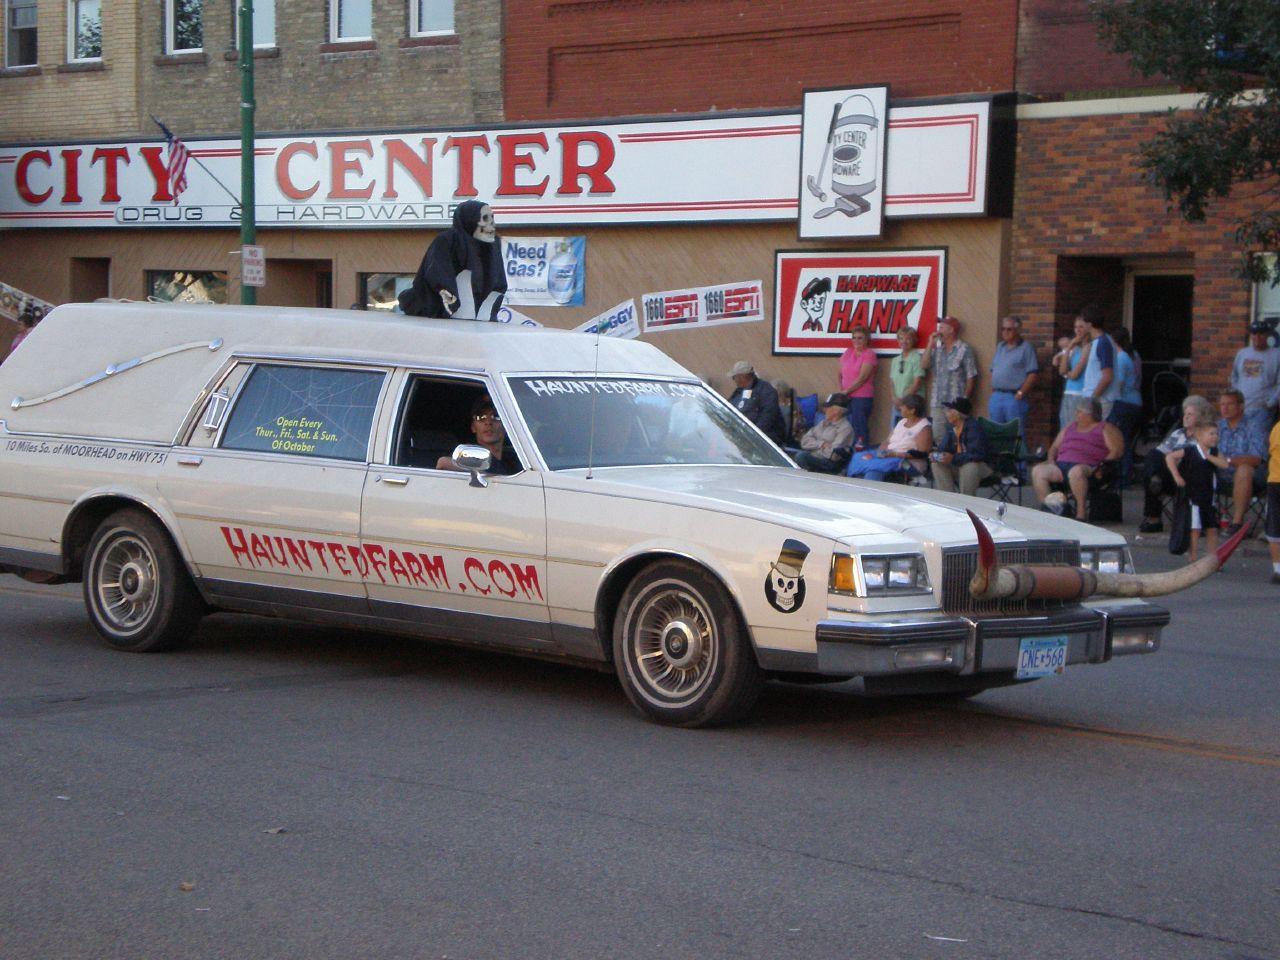 Craigslist Minneapolis Minnesota All Personals